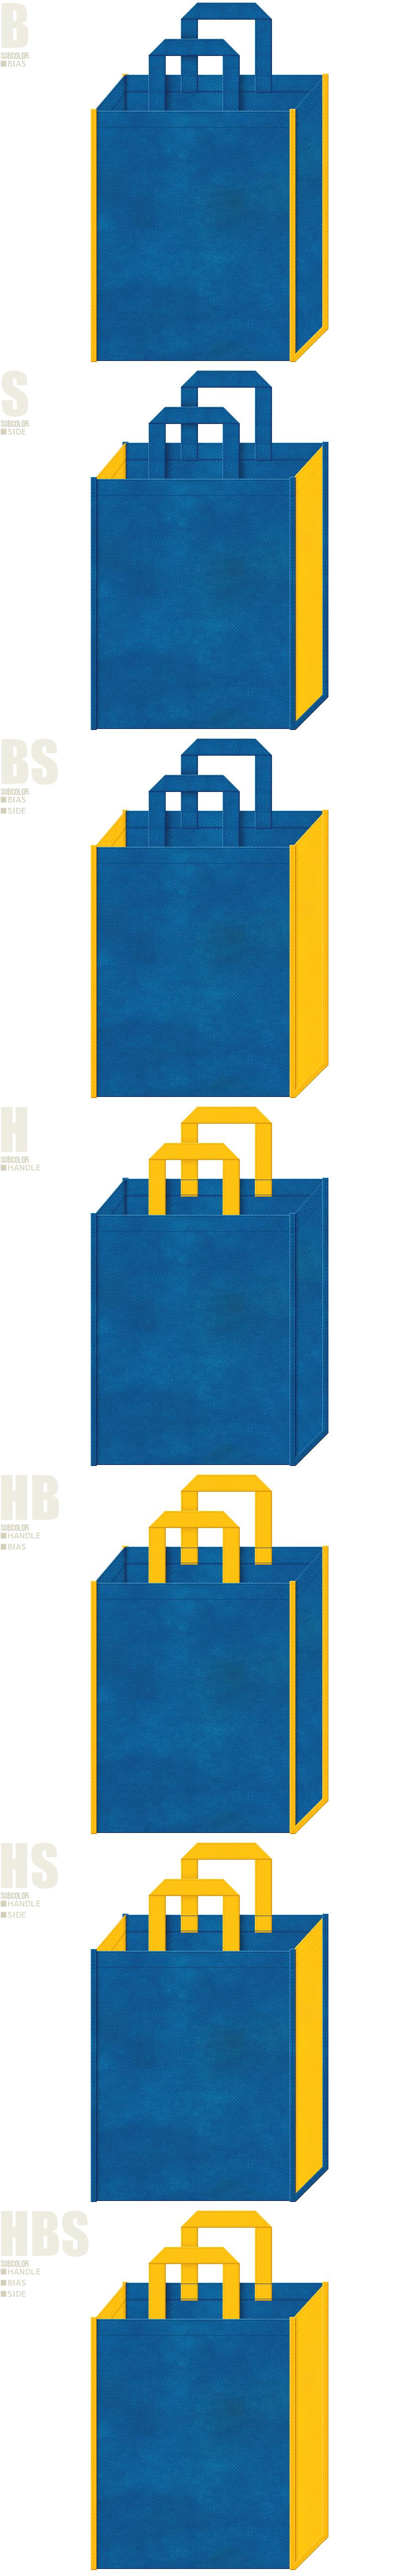 テーマパーク・ロボット・ラジコン・おもちゃ・パズル・キッズイベント・ゲームの展示会用バッグにお奨めの不織布バッグデザイン:青色と黄色の配色7パターン